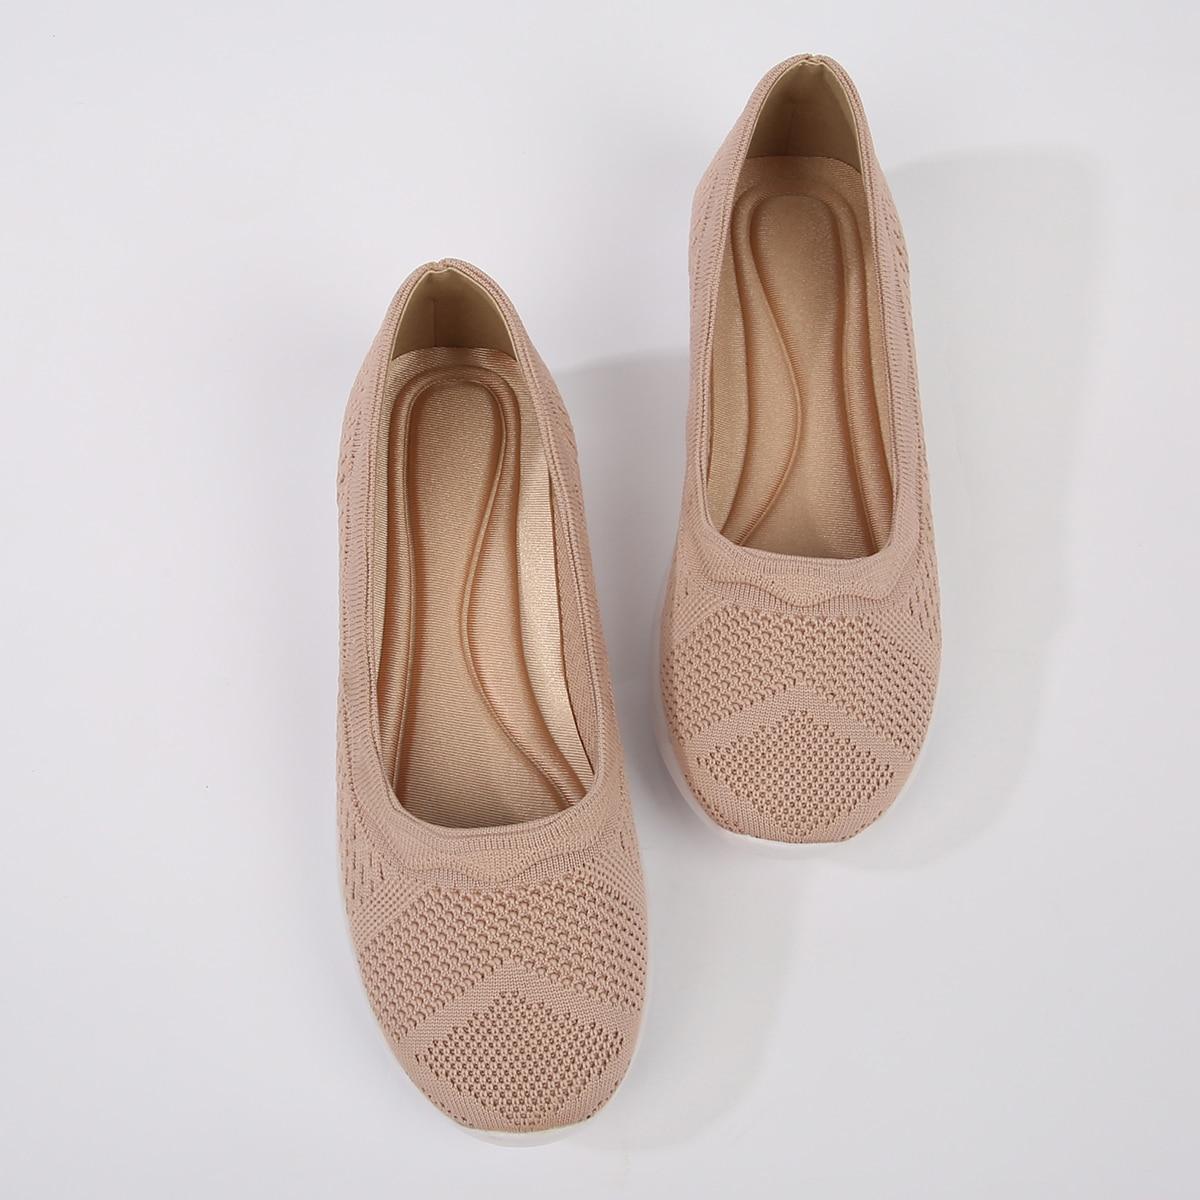 Повседневная обувь с фестончатой отделкой